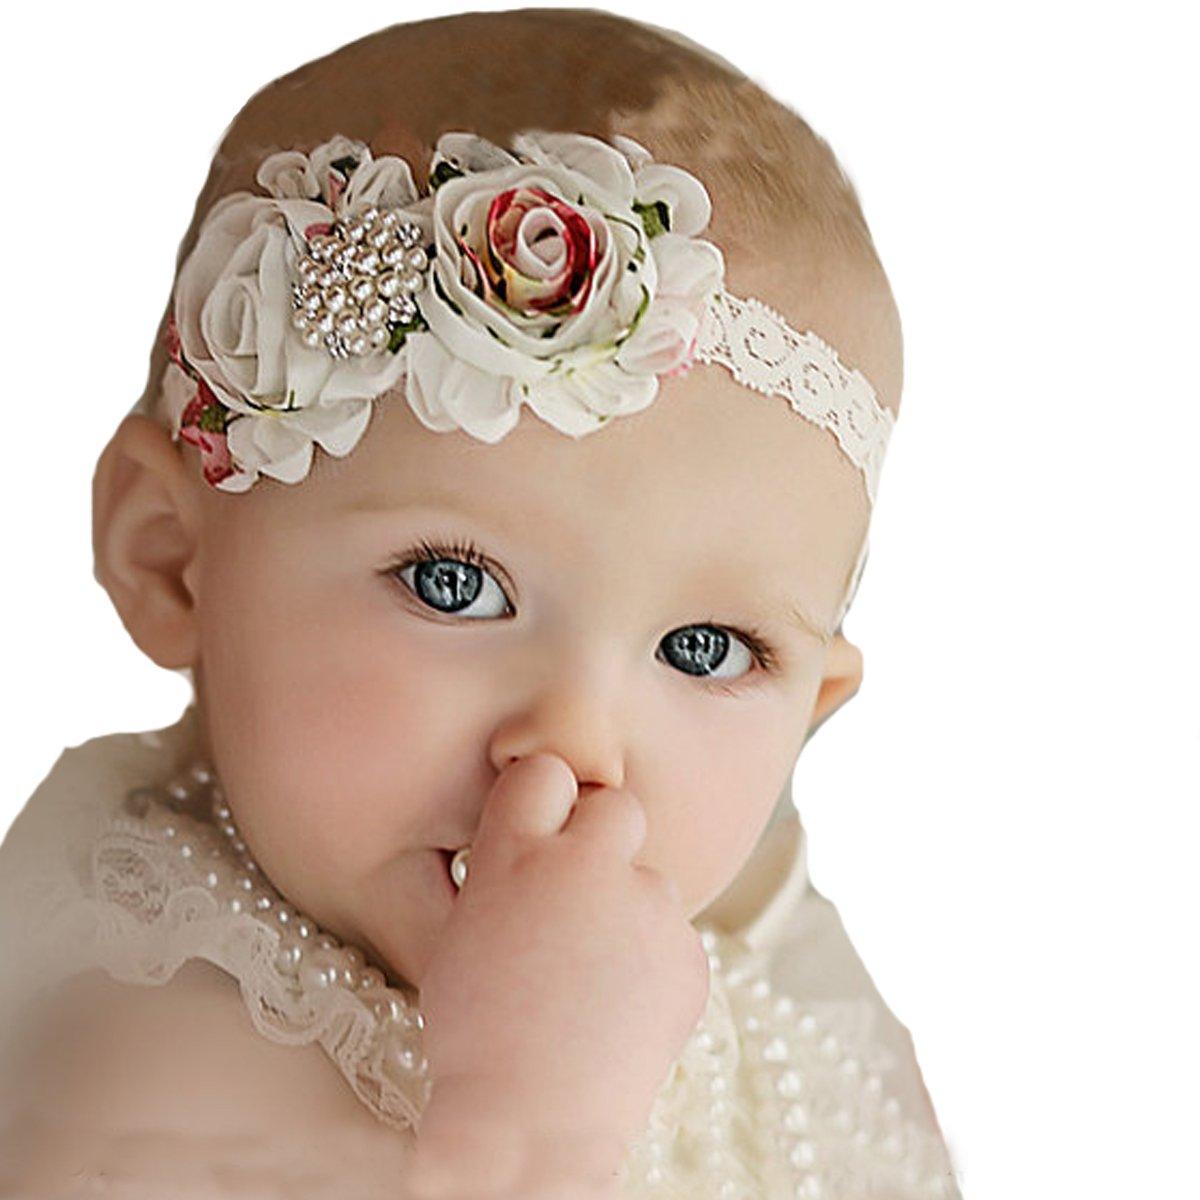 80e467e129f Amazon.com  Miugle Baby Girl s Lace Headbands with Shabby Chic Bows ...